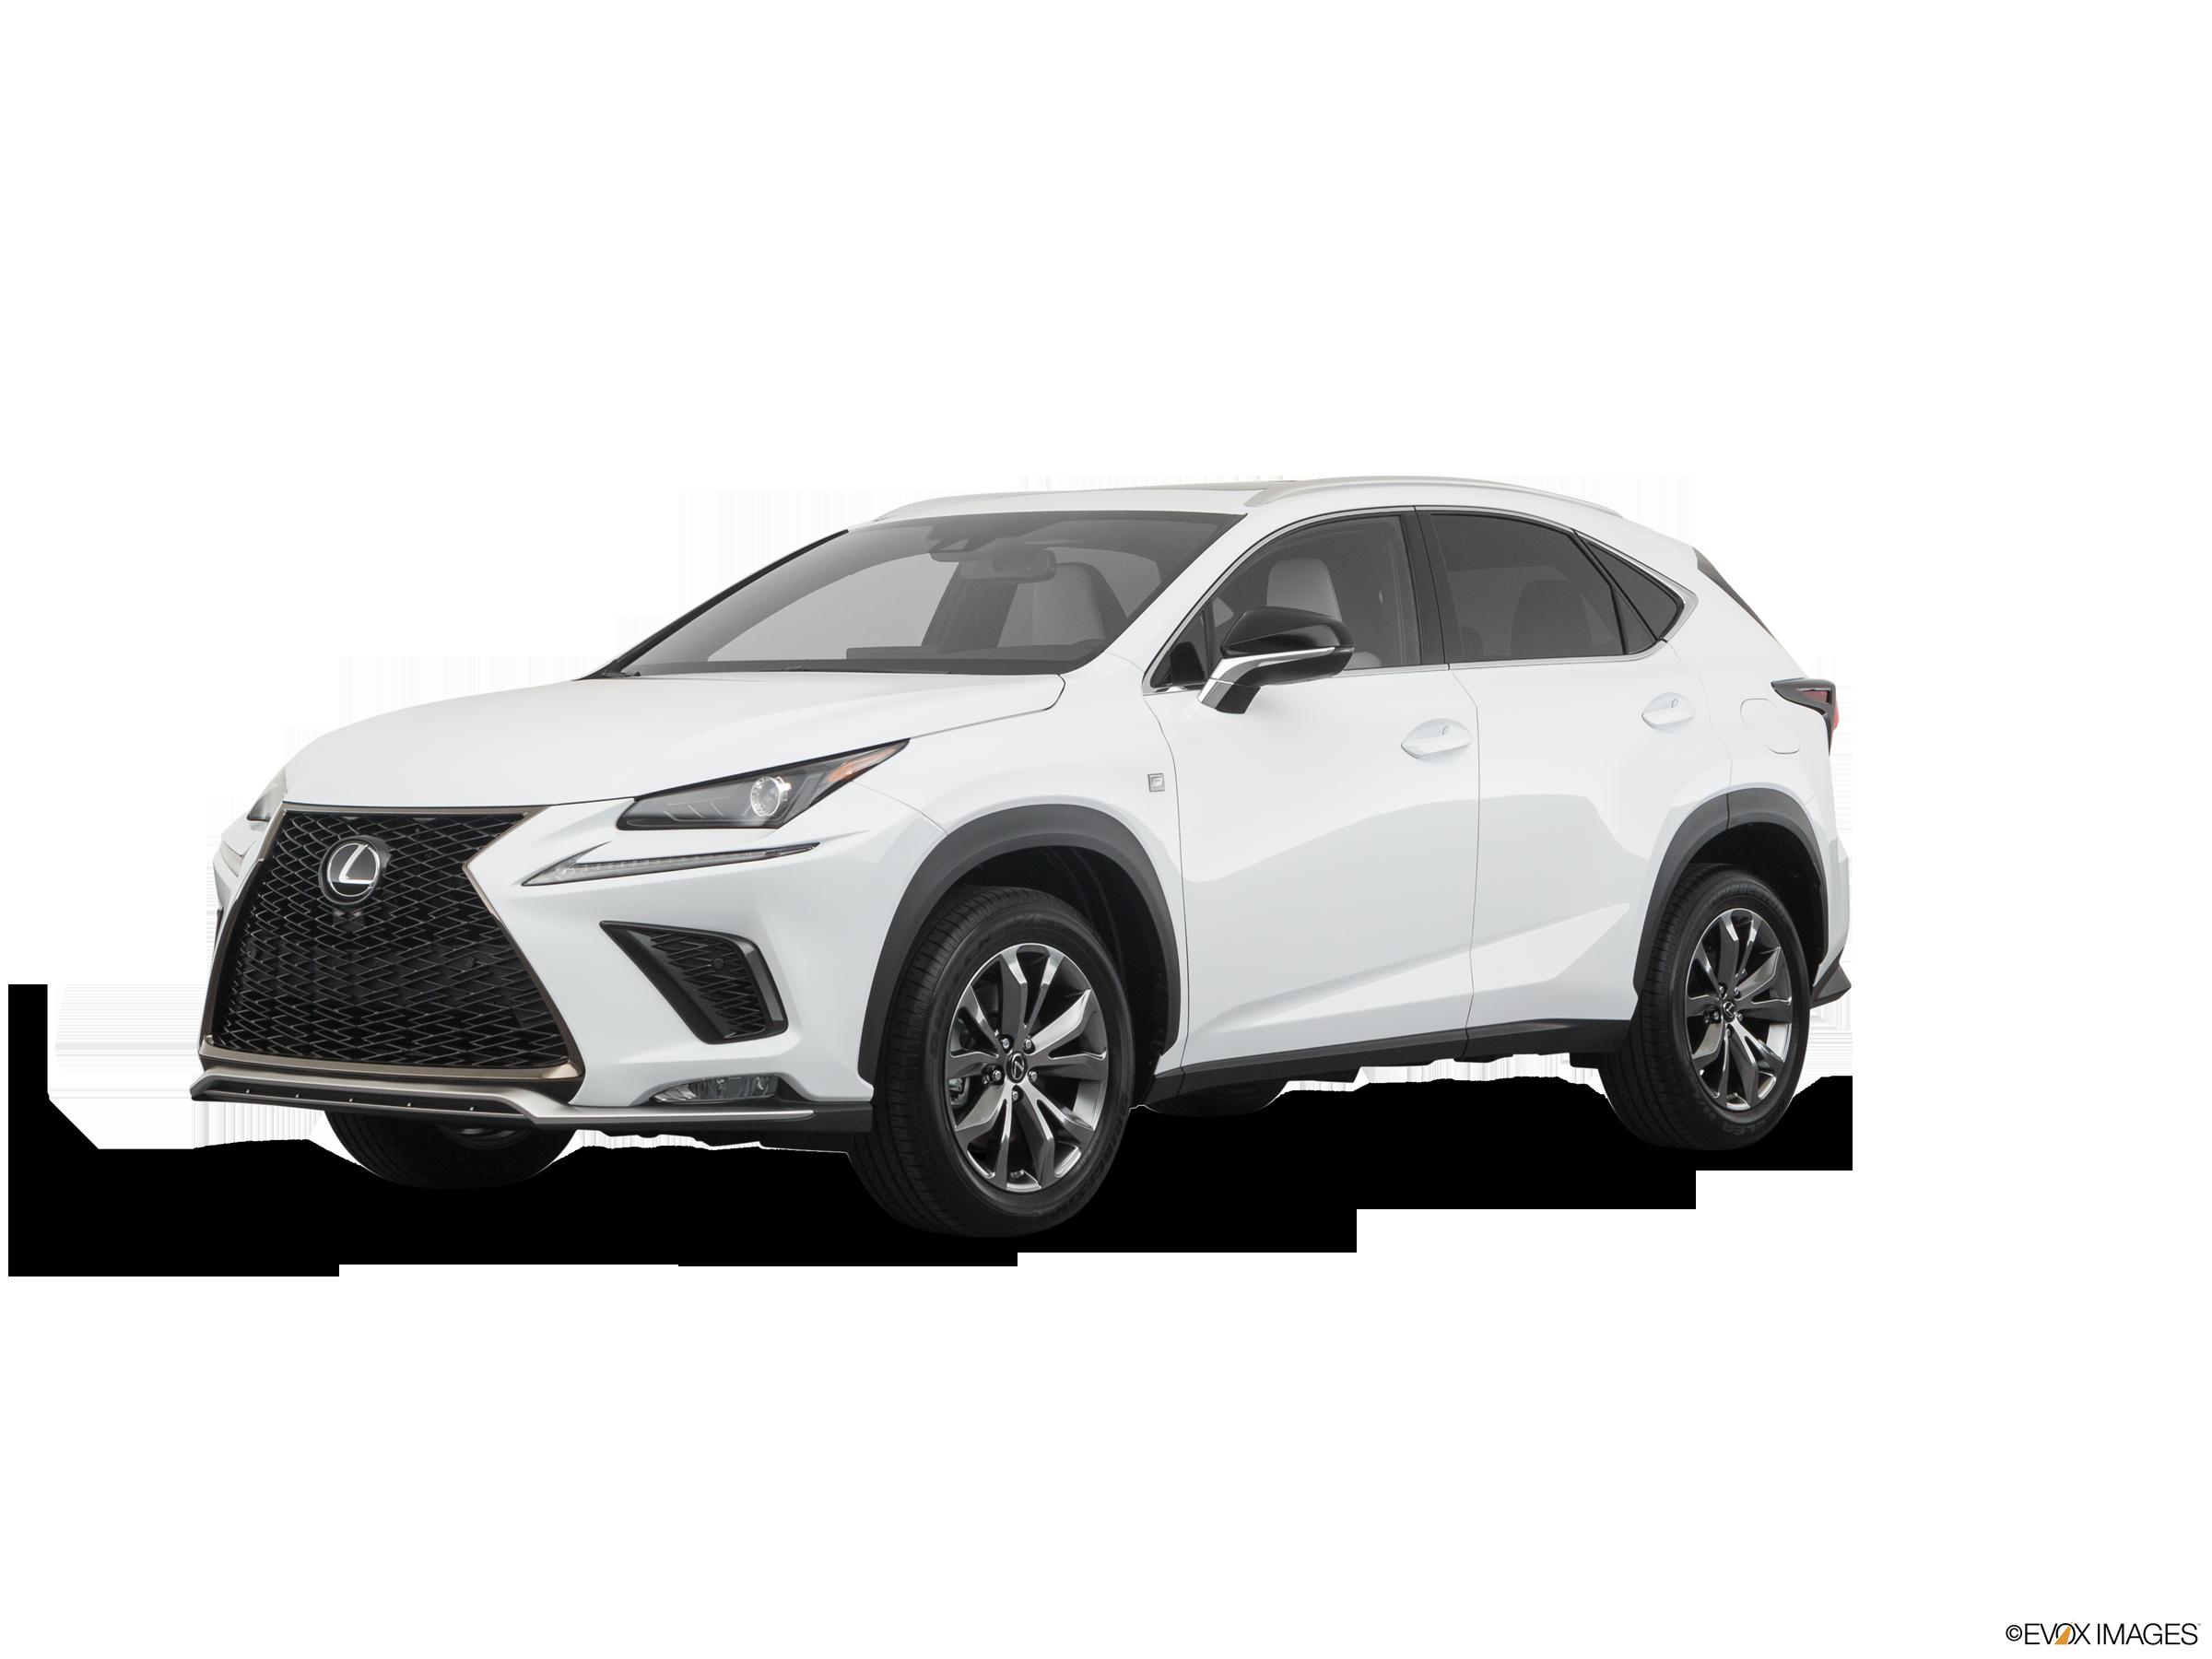 Lexus Nx Hybrid Price >> 2020 Lexus Nx Pricing Ratings Expert Review Kelley